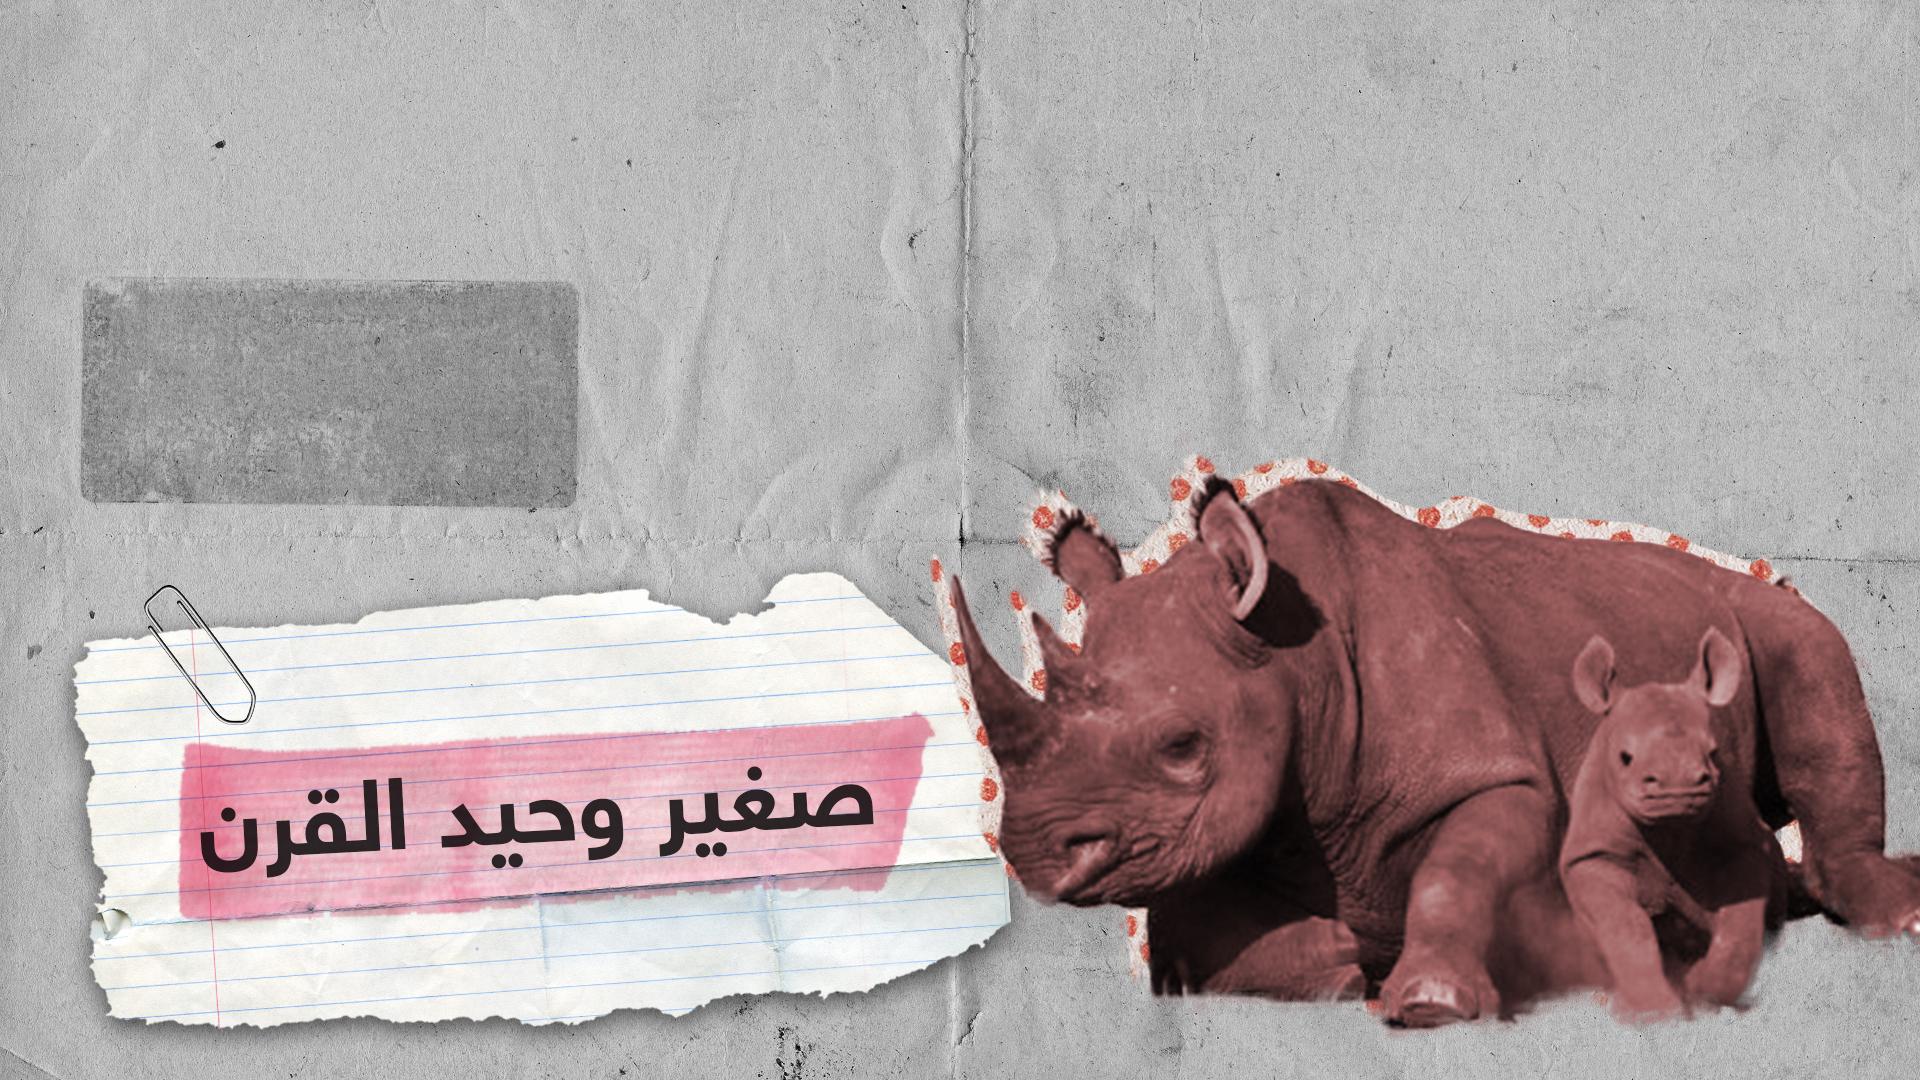 على وشك الانقراض.. ولادة وحيد قرن أبيض في بلجيكا